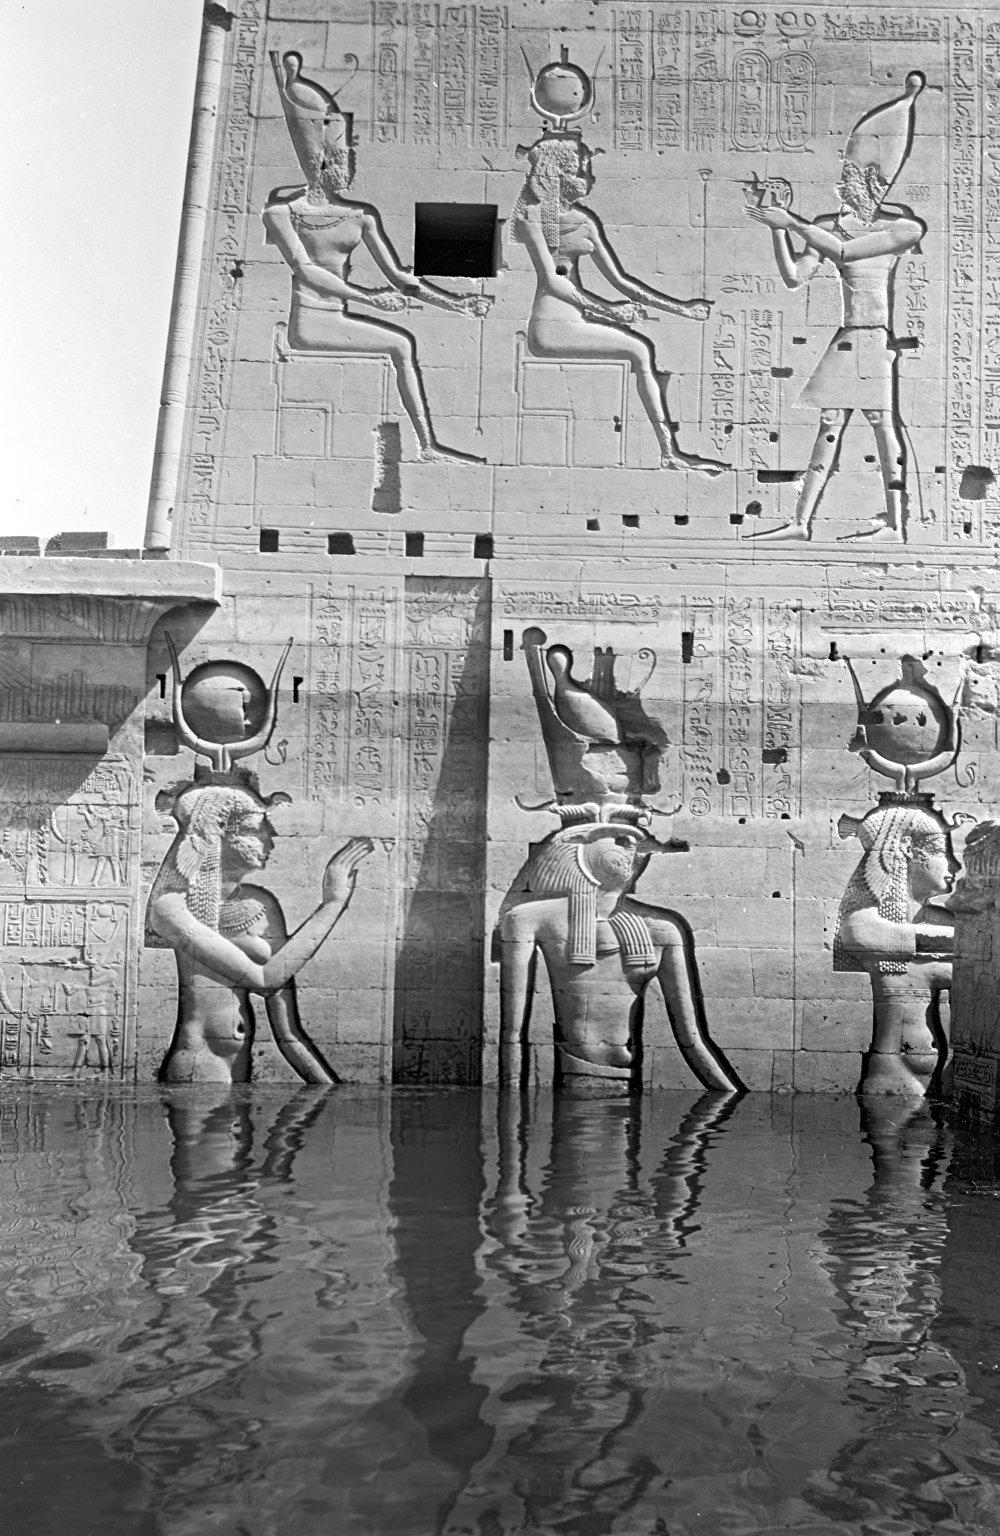 معبد الآلهة حتحور في مصر